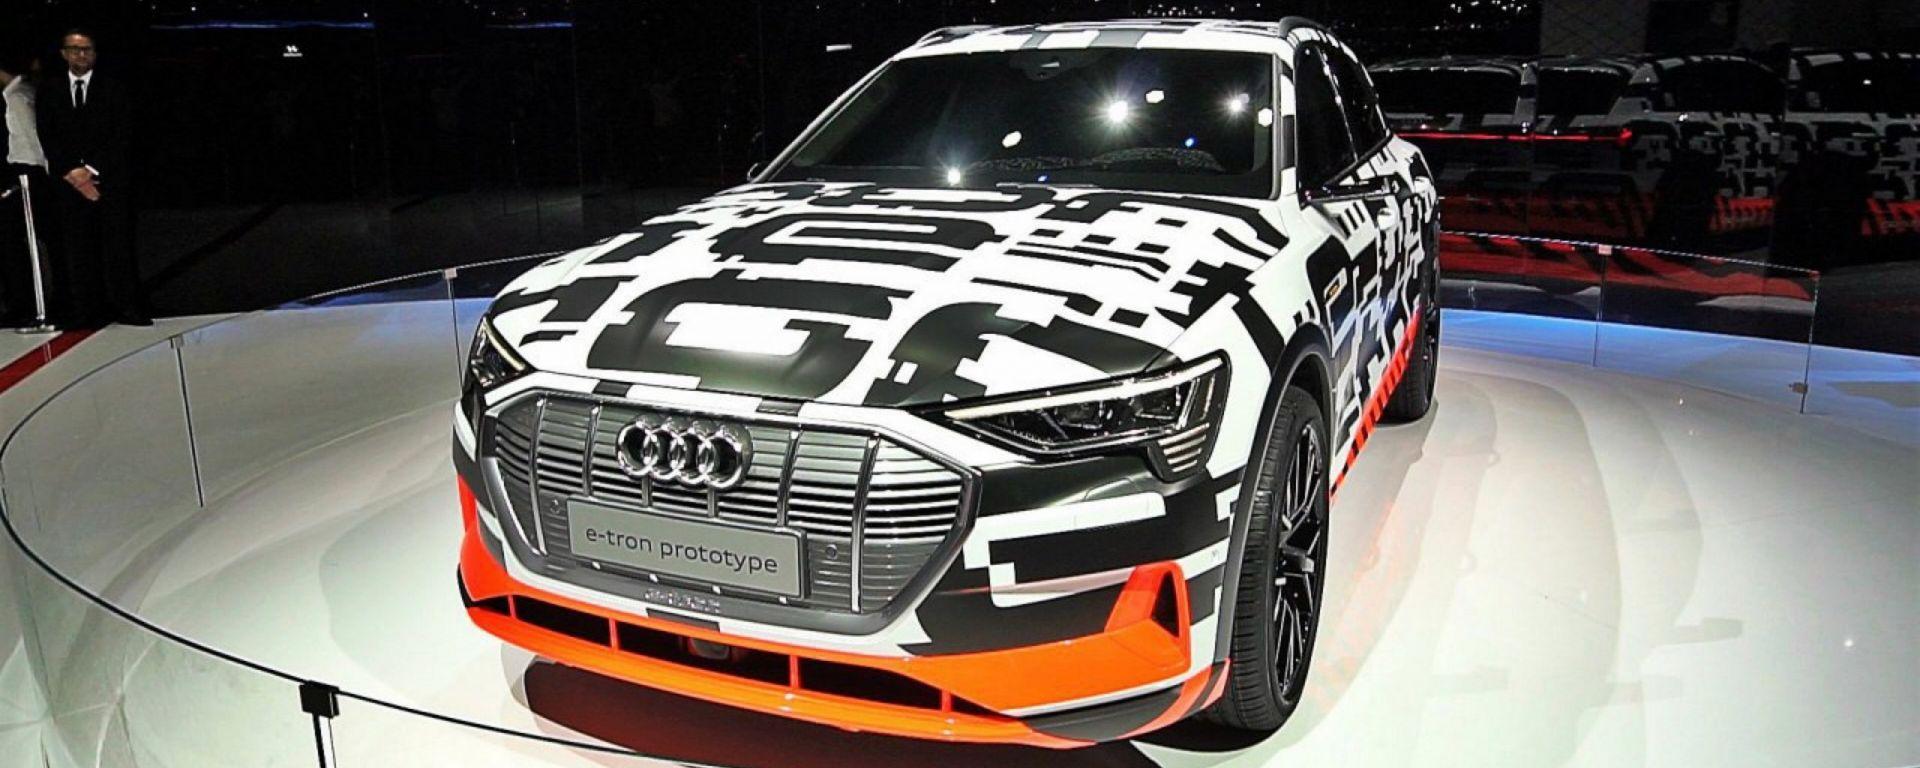 Audi e-tron: in video dal Salone di Ginevra 2018